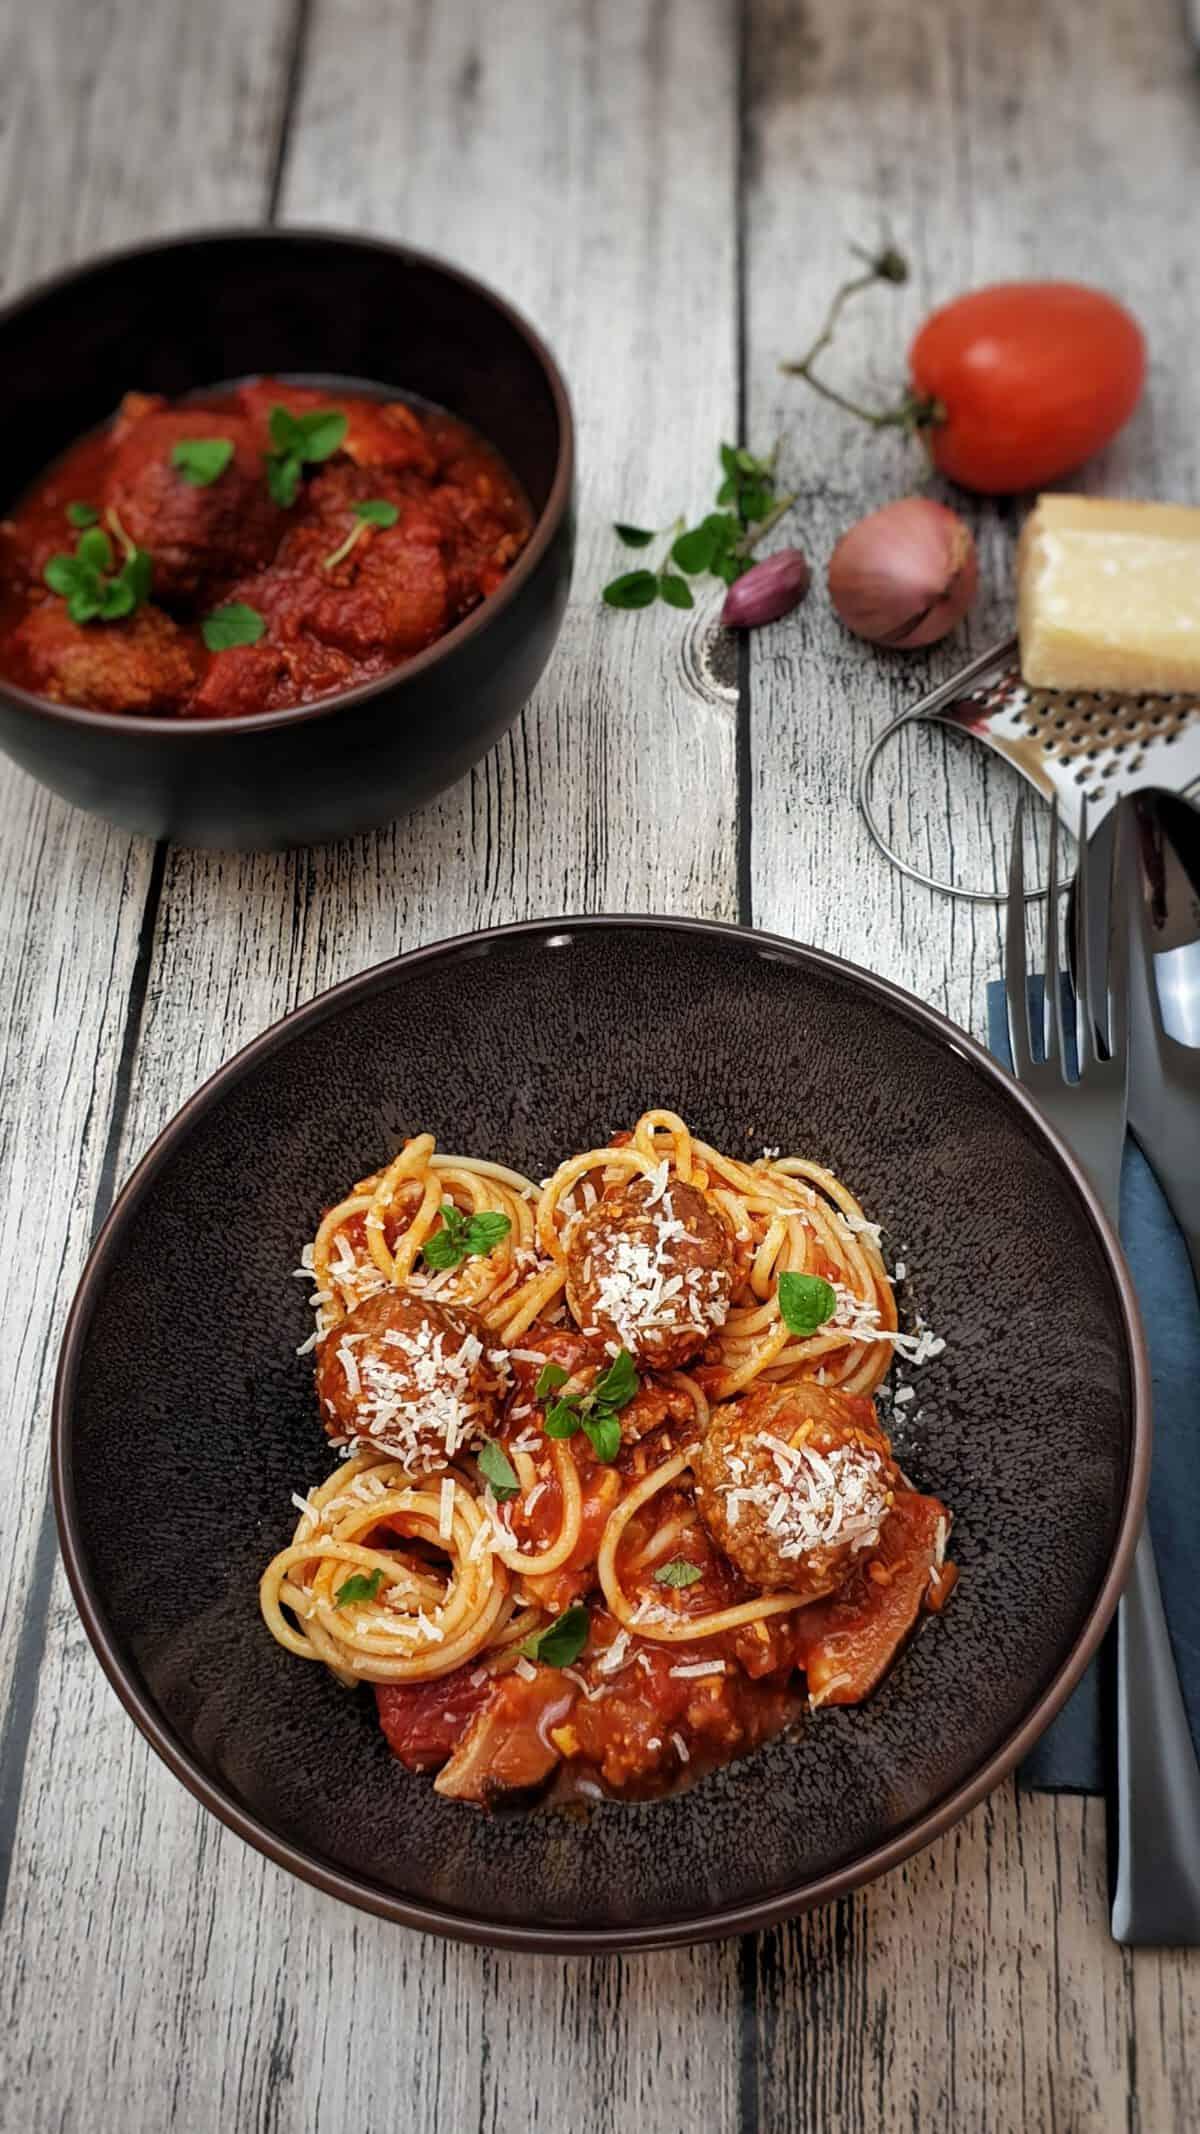 In einer braunen Schüssel Hackfbällchen mit Tomatensoße und Spaghetti. Serviert mit Parmesan und frischem Oregano.